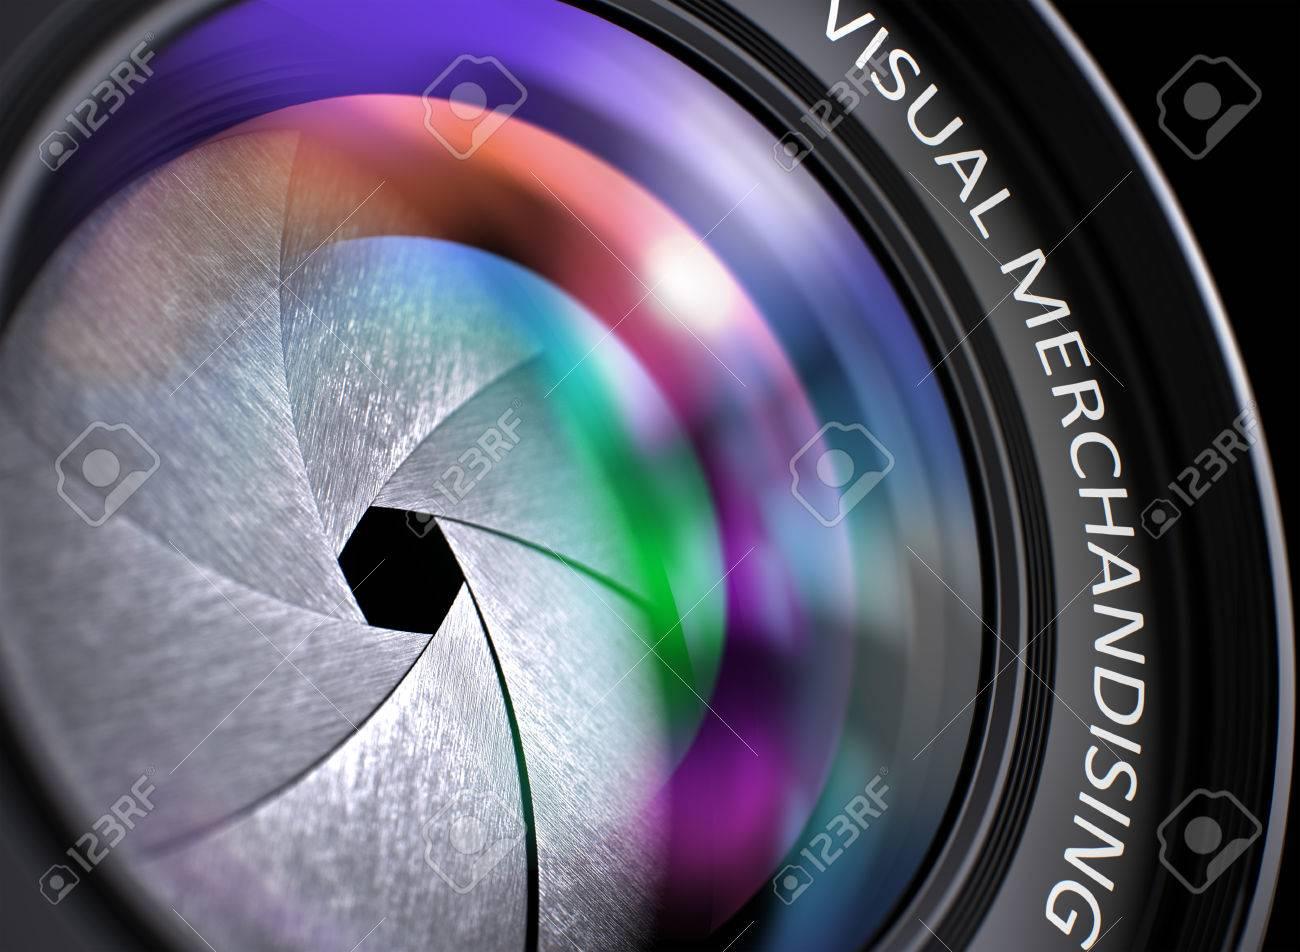 Nahaufnahme Ansicht. Kamera-Objektiv mit Visual Merchandising Inschrift. Bunte Objektiv Flares auf der Frontscheibe. 3D übertragen. Standard-Bild - 54368618